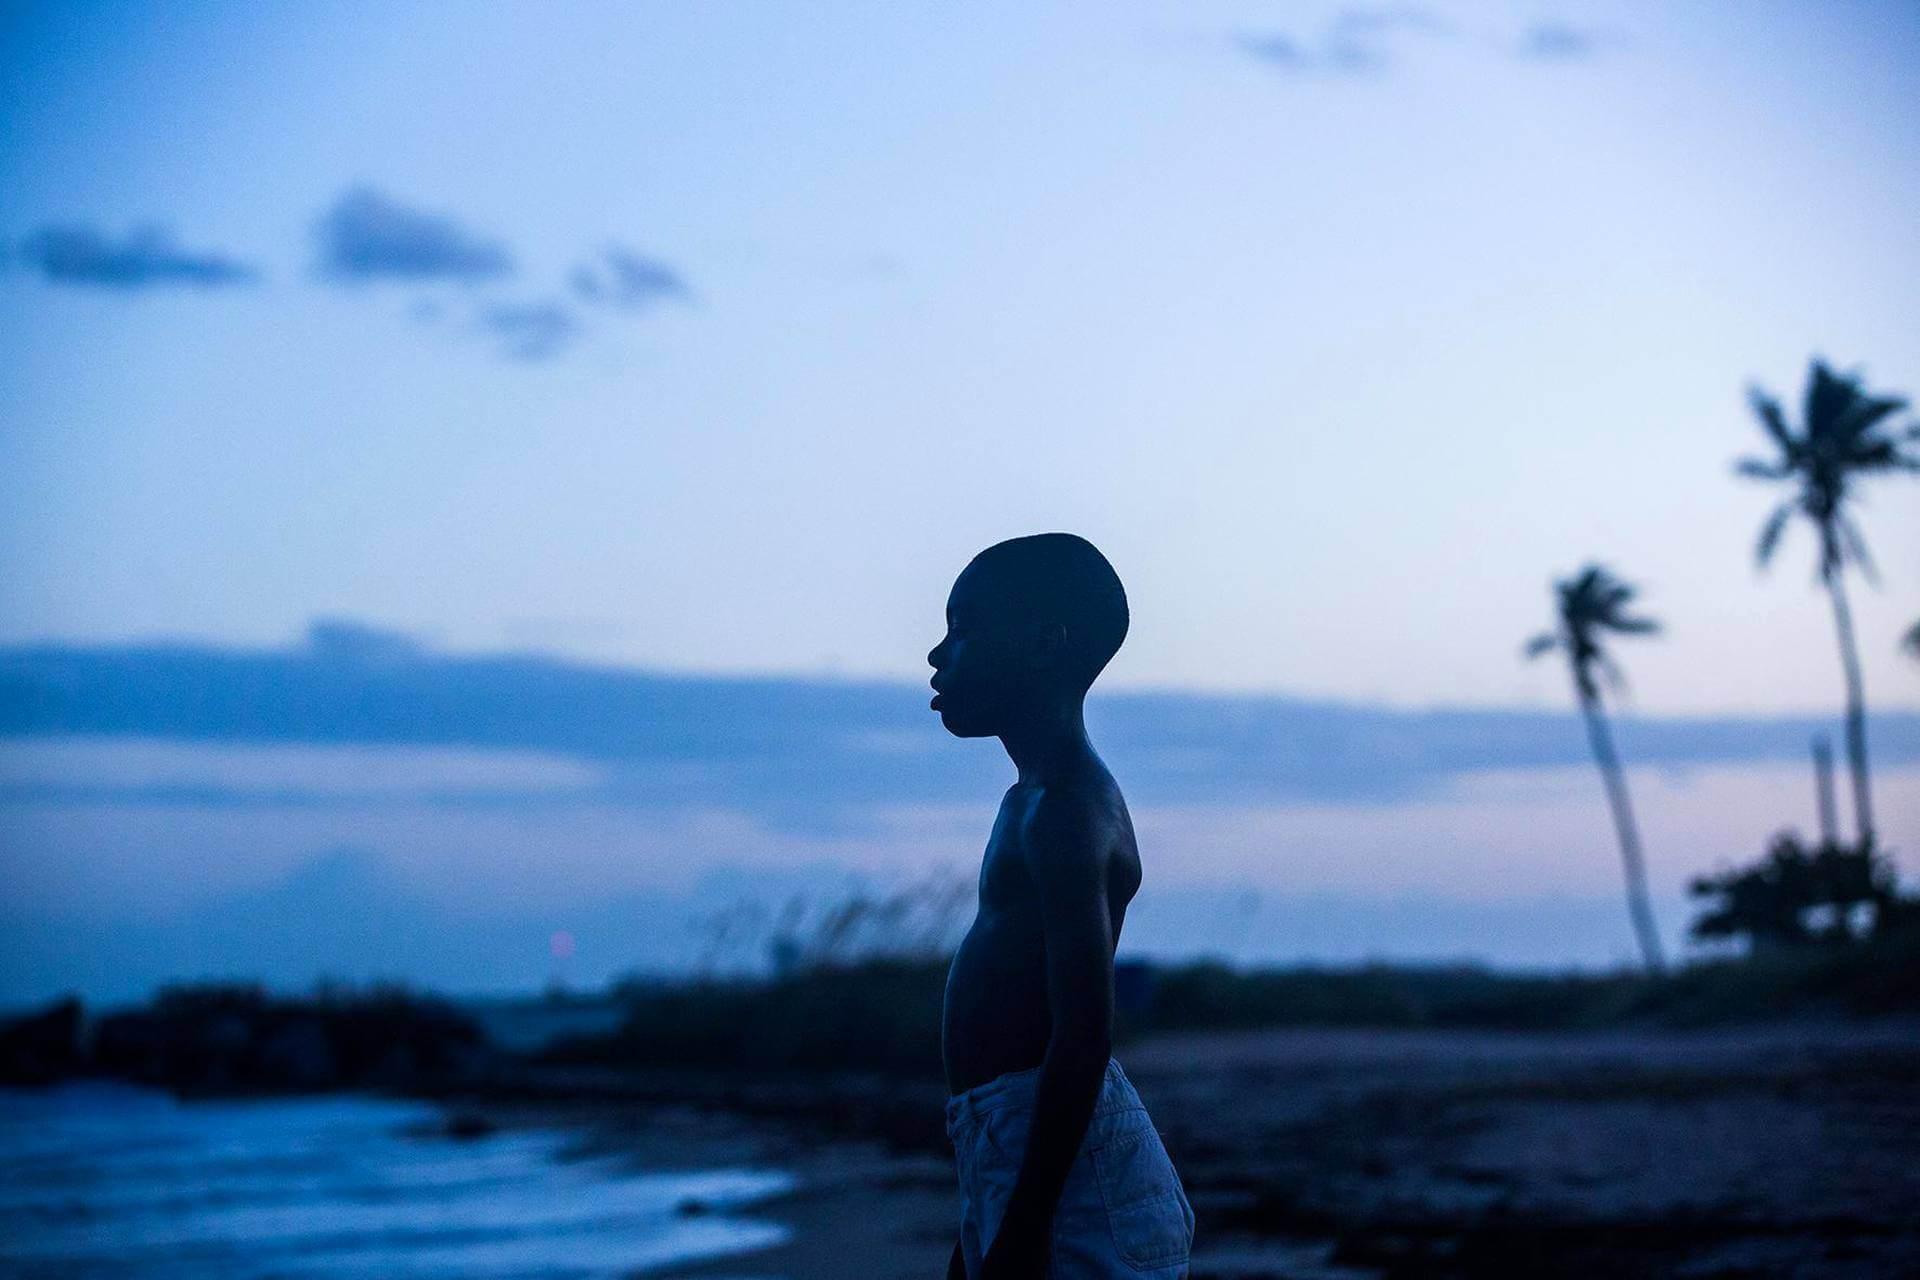 巴瑞賈金斯執導電影《月光下的藍色男孩》。